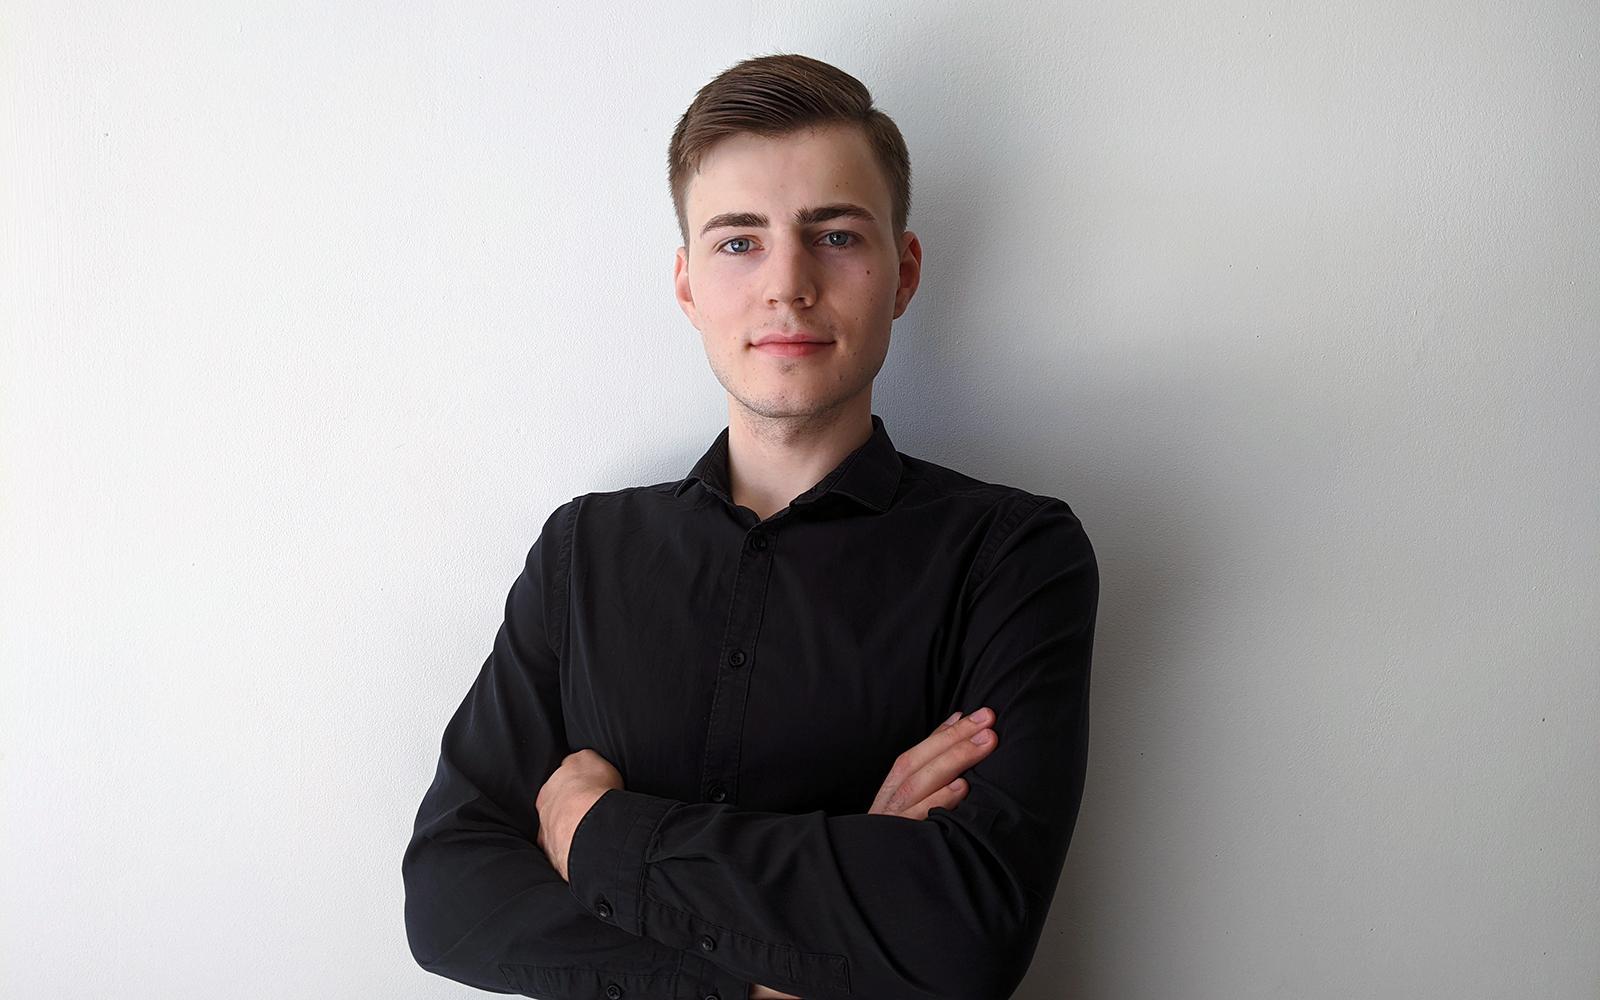 Как студент МАИ стал руководителем IT-проектов: личный опыт